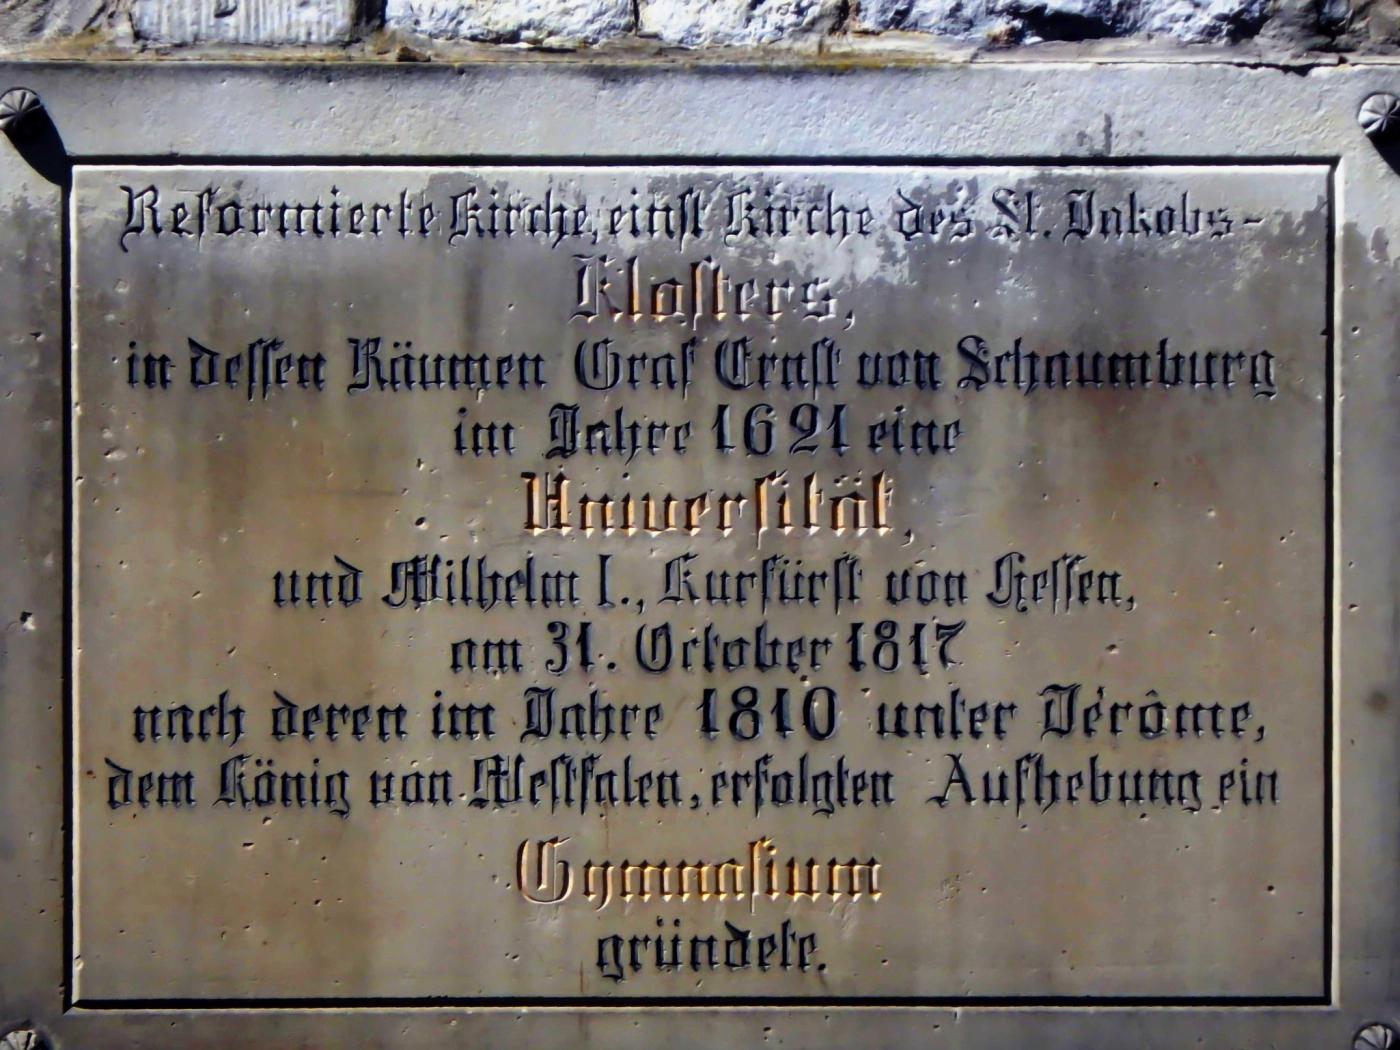 Erinnerung an die Universität Rinteln